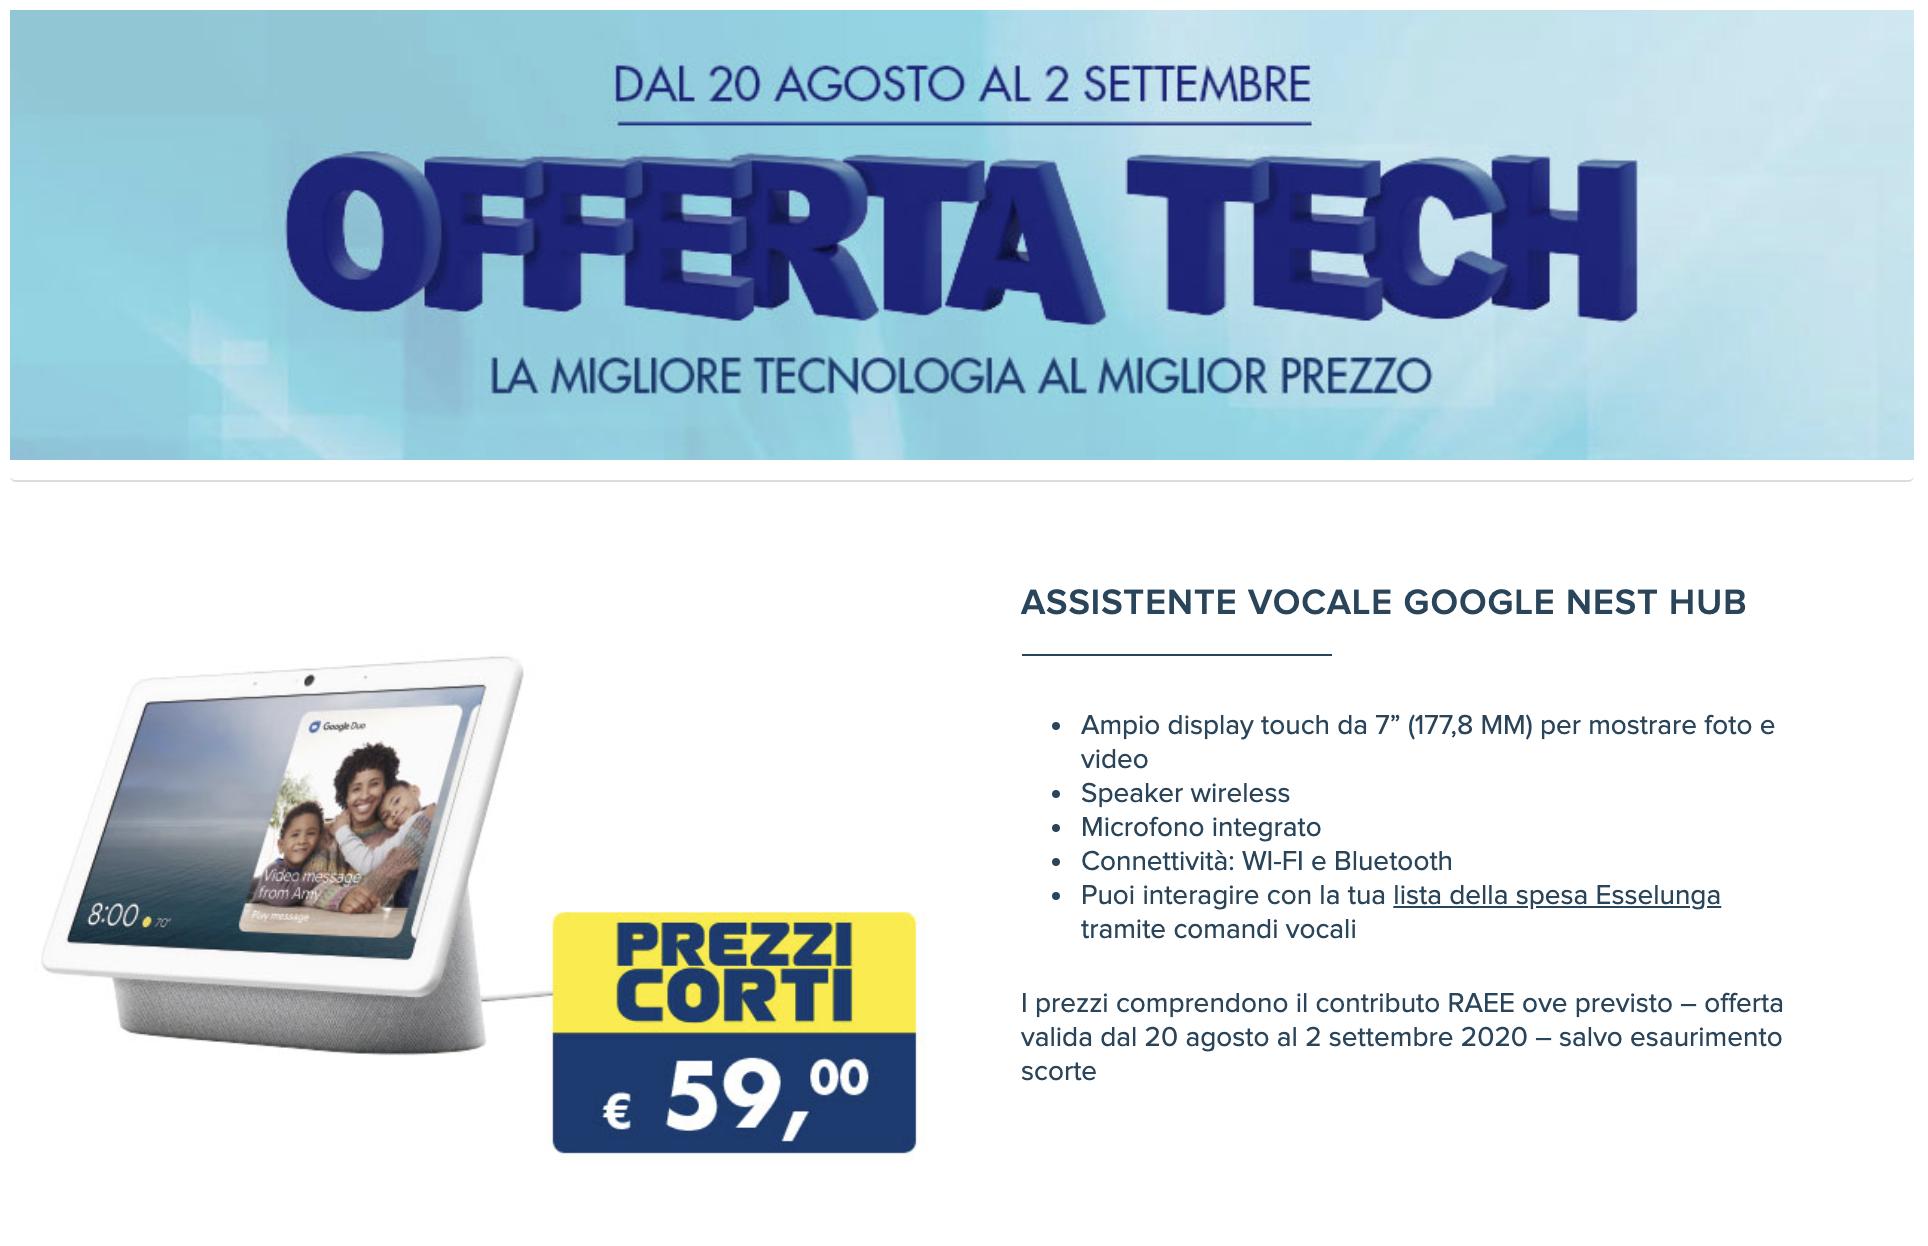 La nuova offerta Tech Esselunga è il Google Nest Hub, a un prezzo mai visto 1